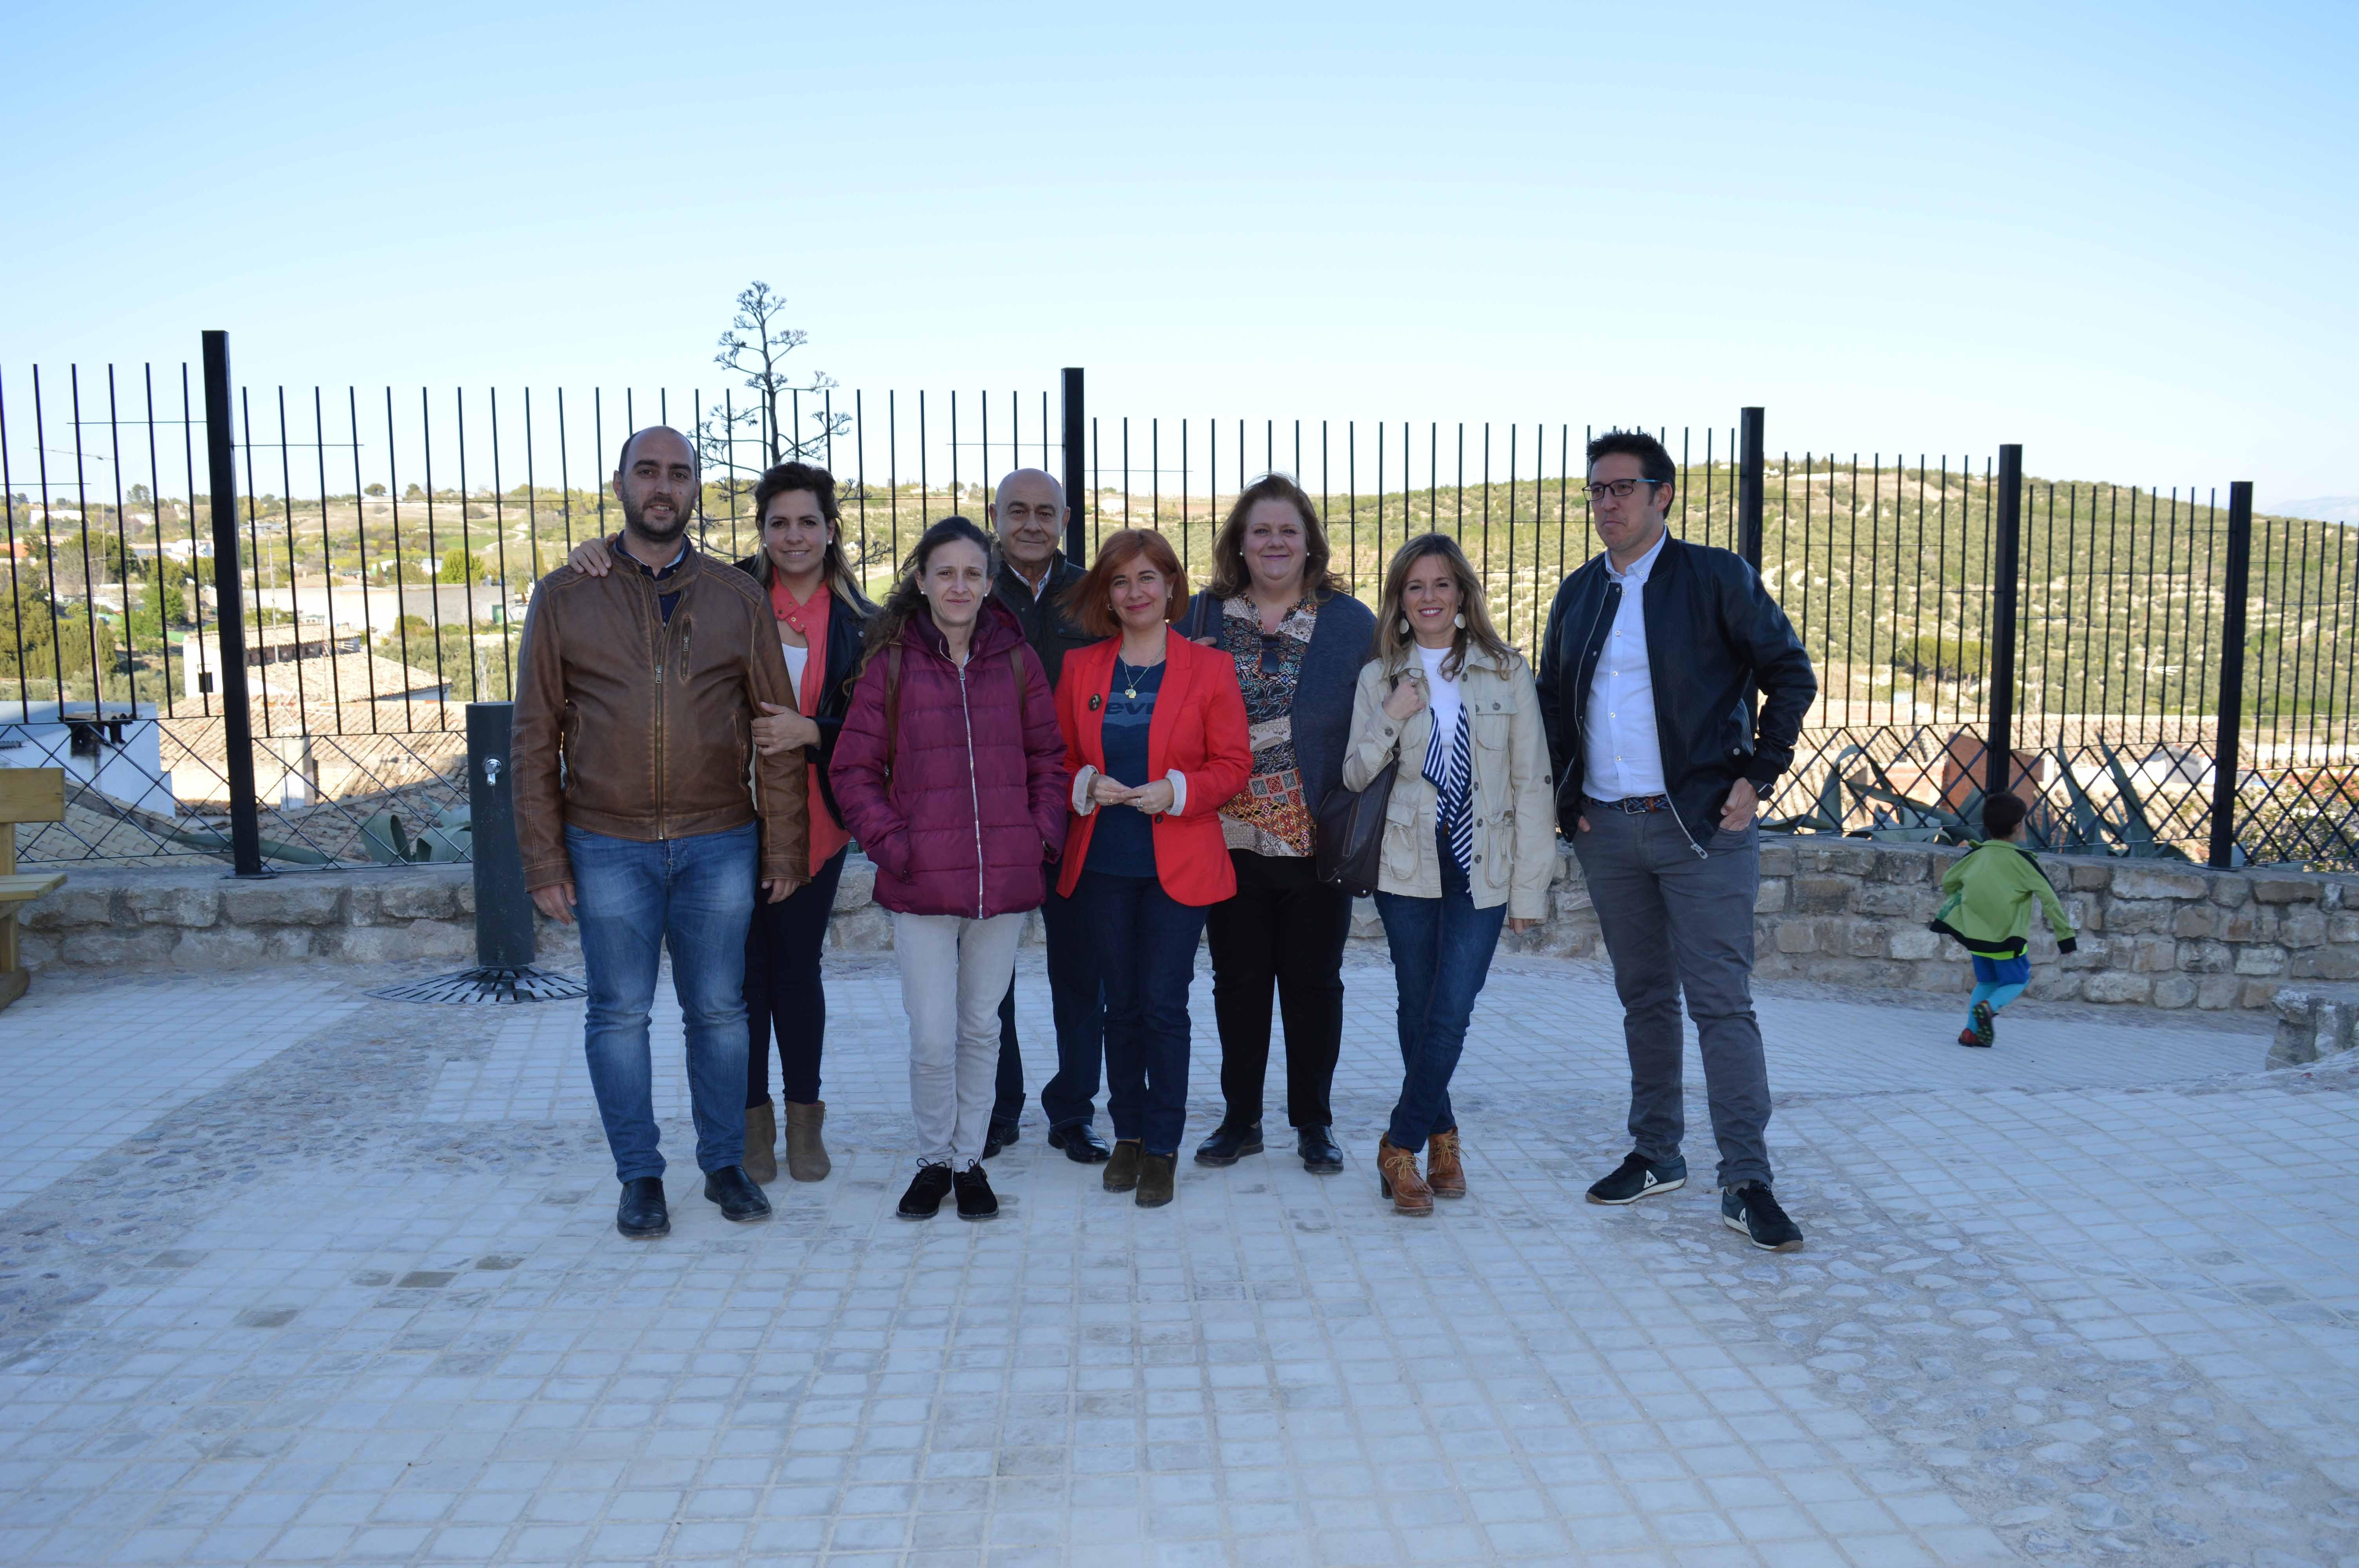 El PSOE ubetense participa en el acto de convivencia organizado por la asociación vecinal El Alamillo